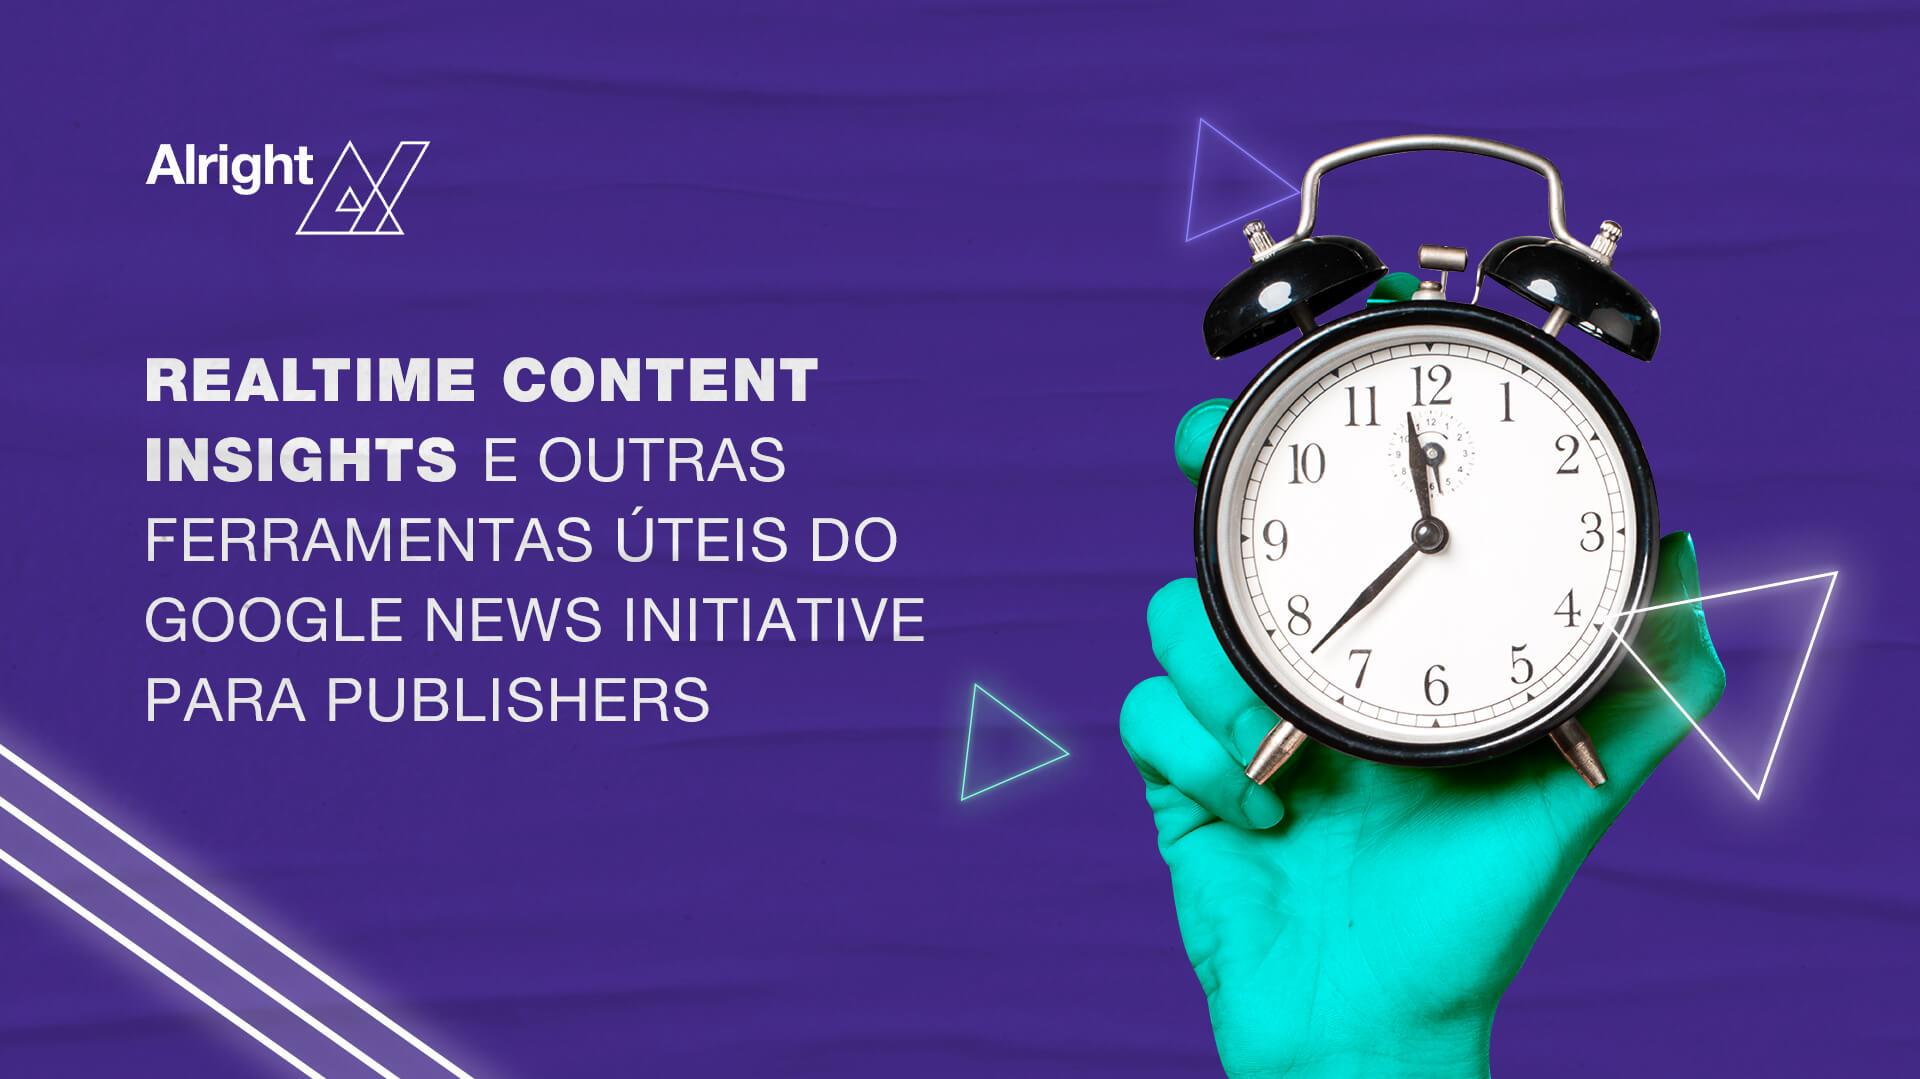 Realtime Content Insights e outras ferramentas úteis do Google News Initiative para publishers